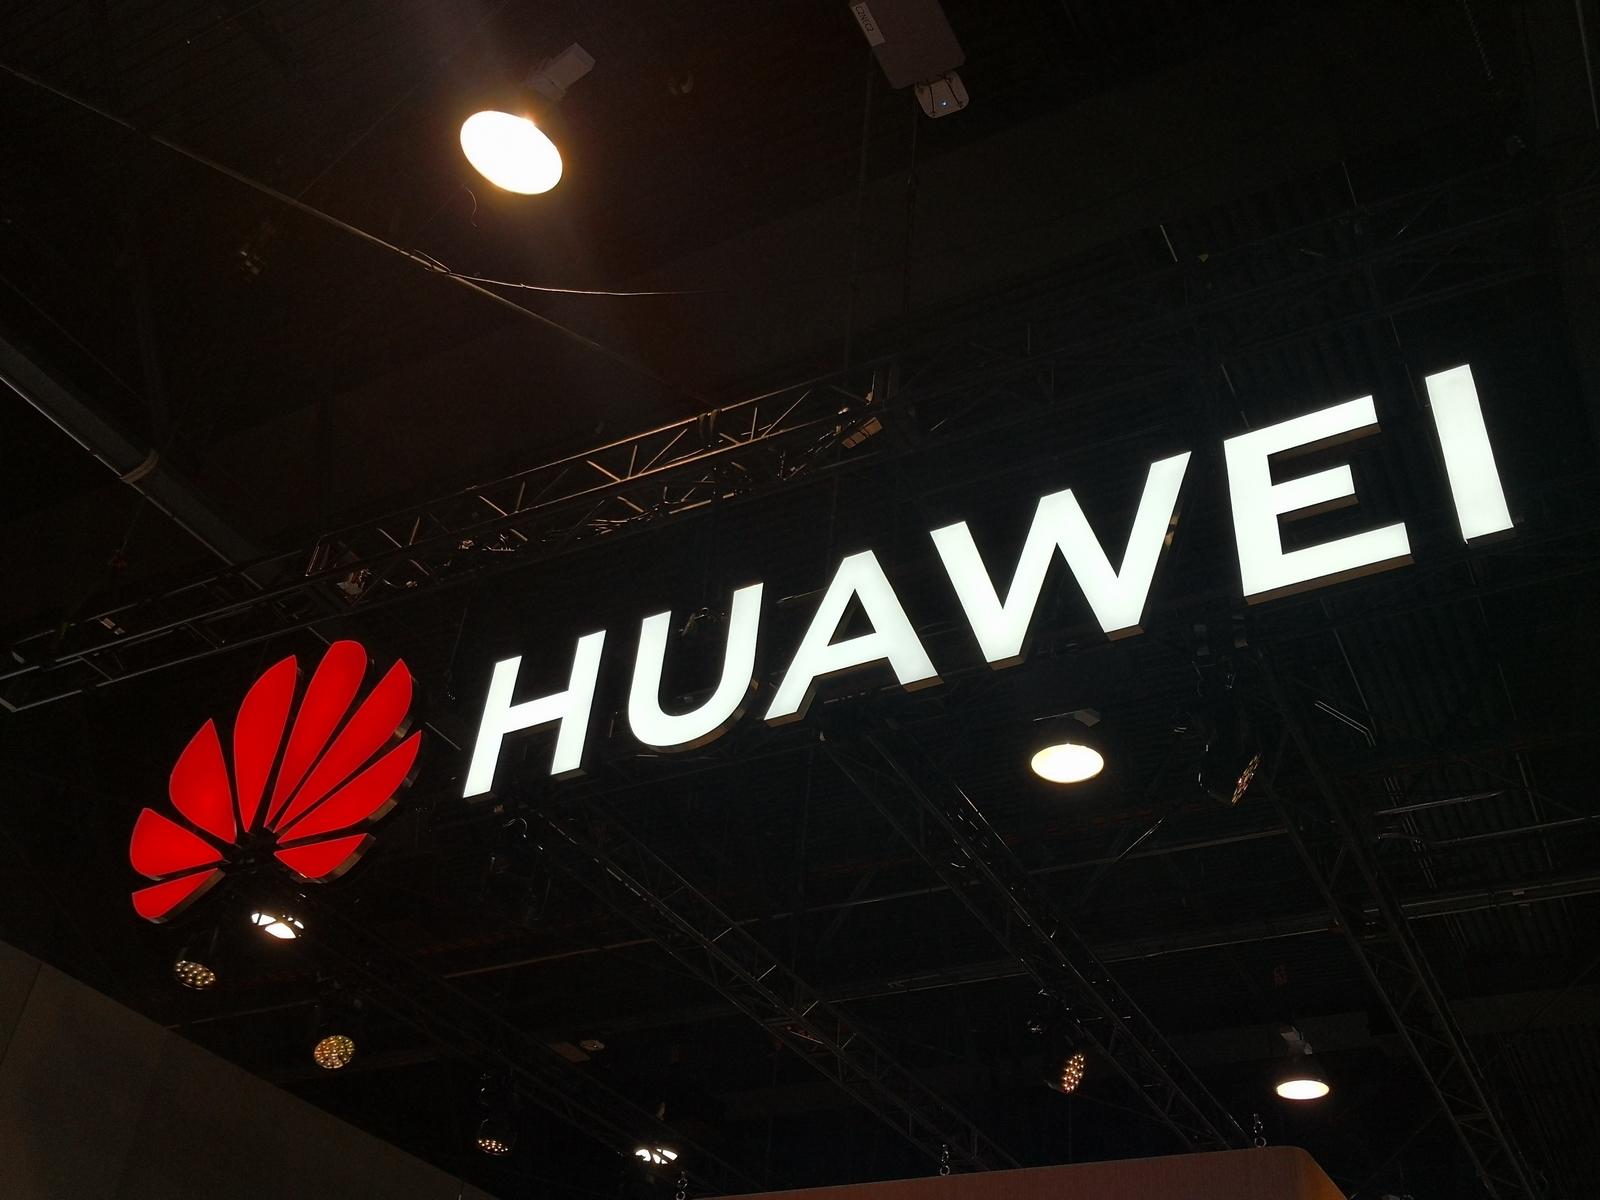 传华为手机明年生产量仅5000万部:断崖式暴跌!